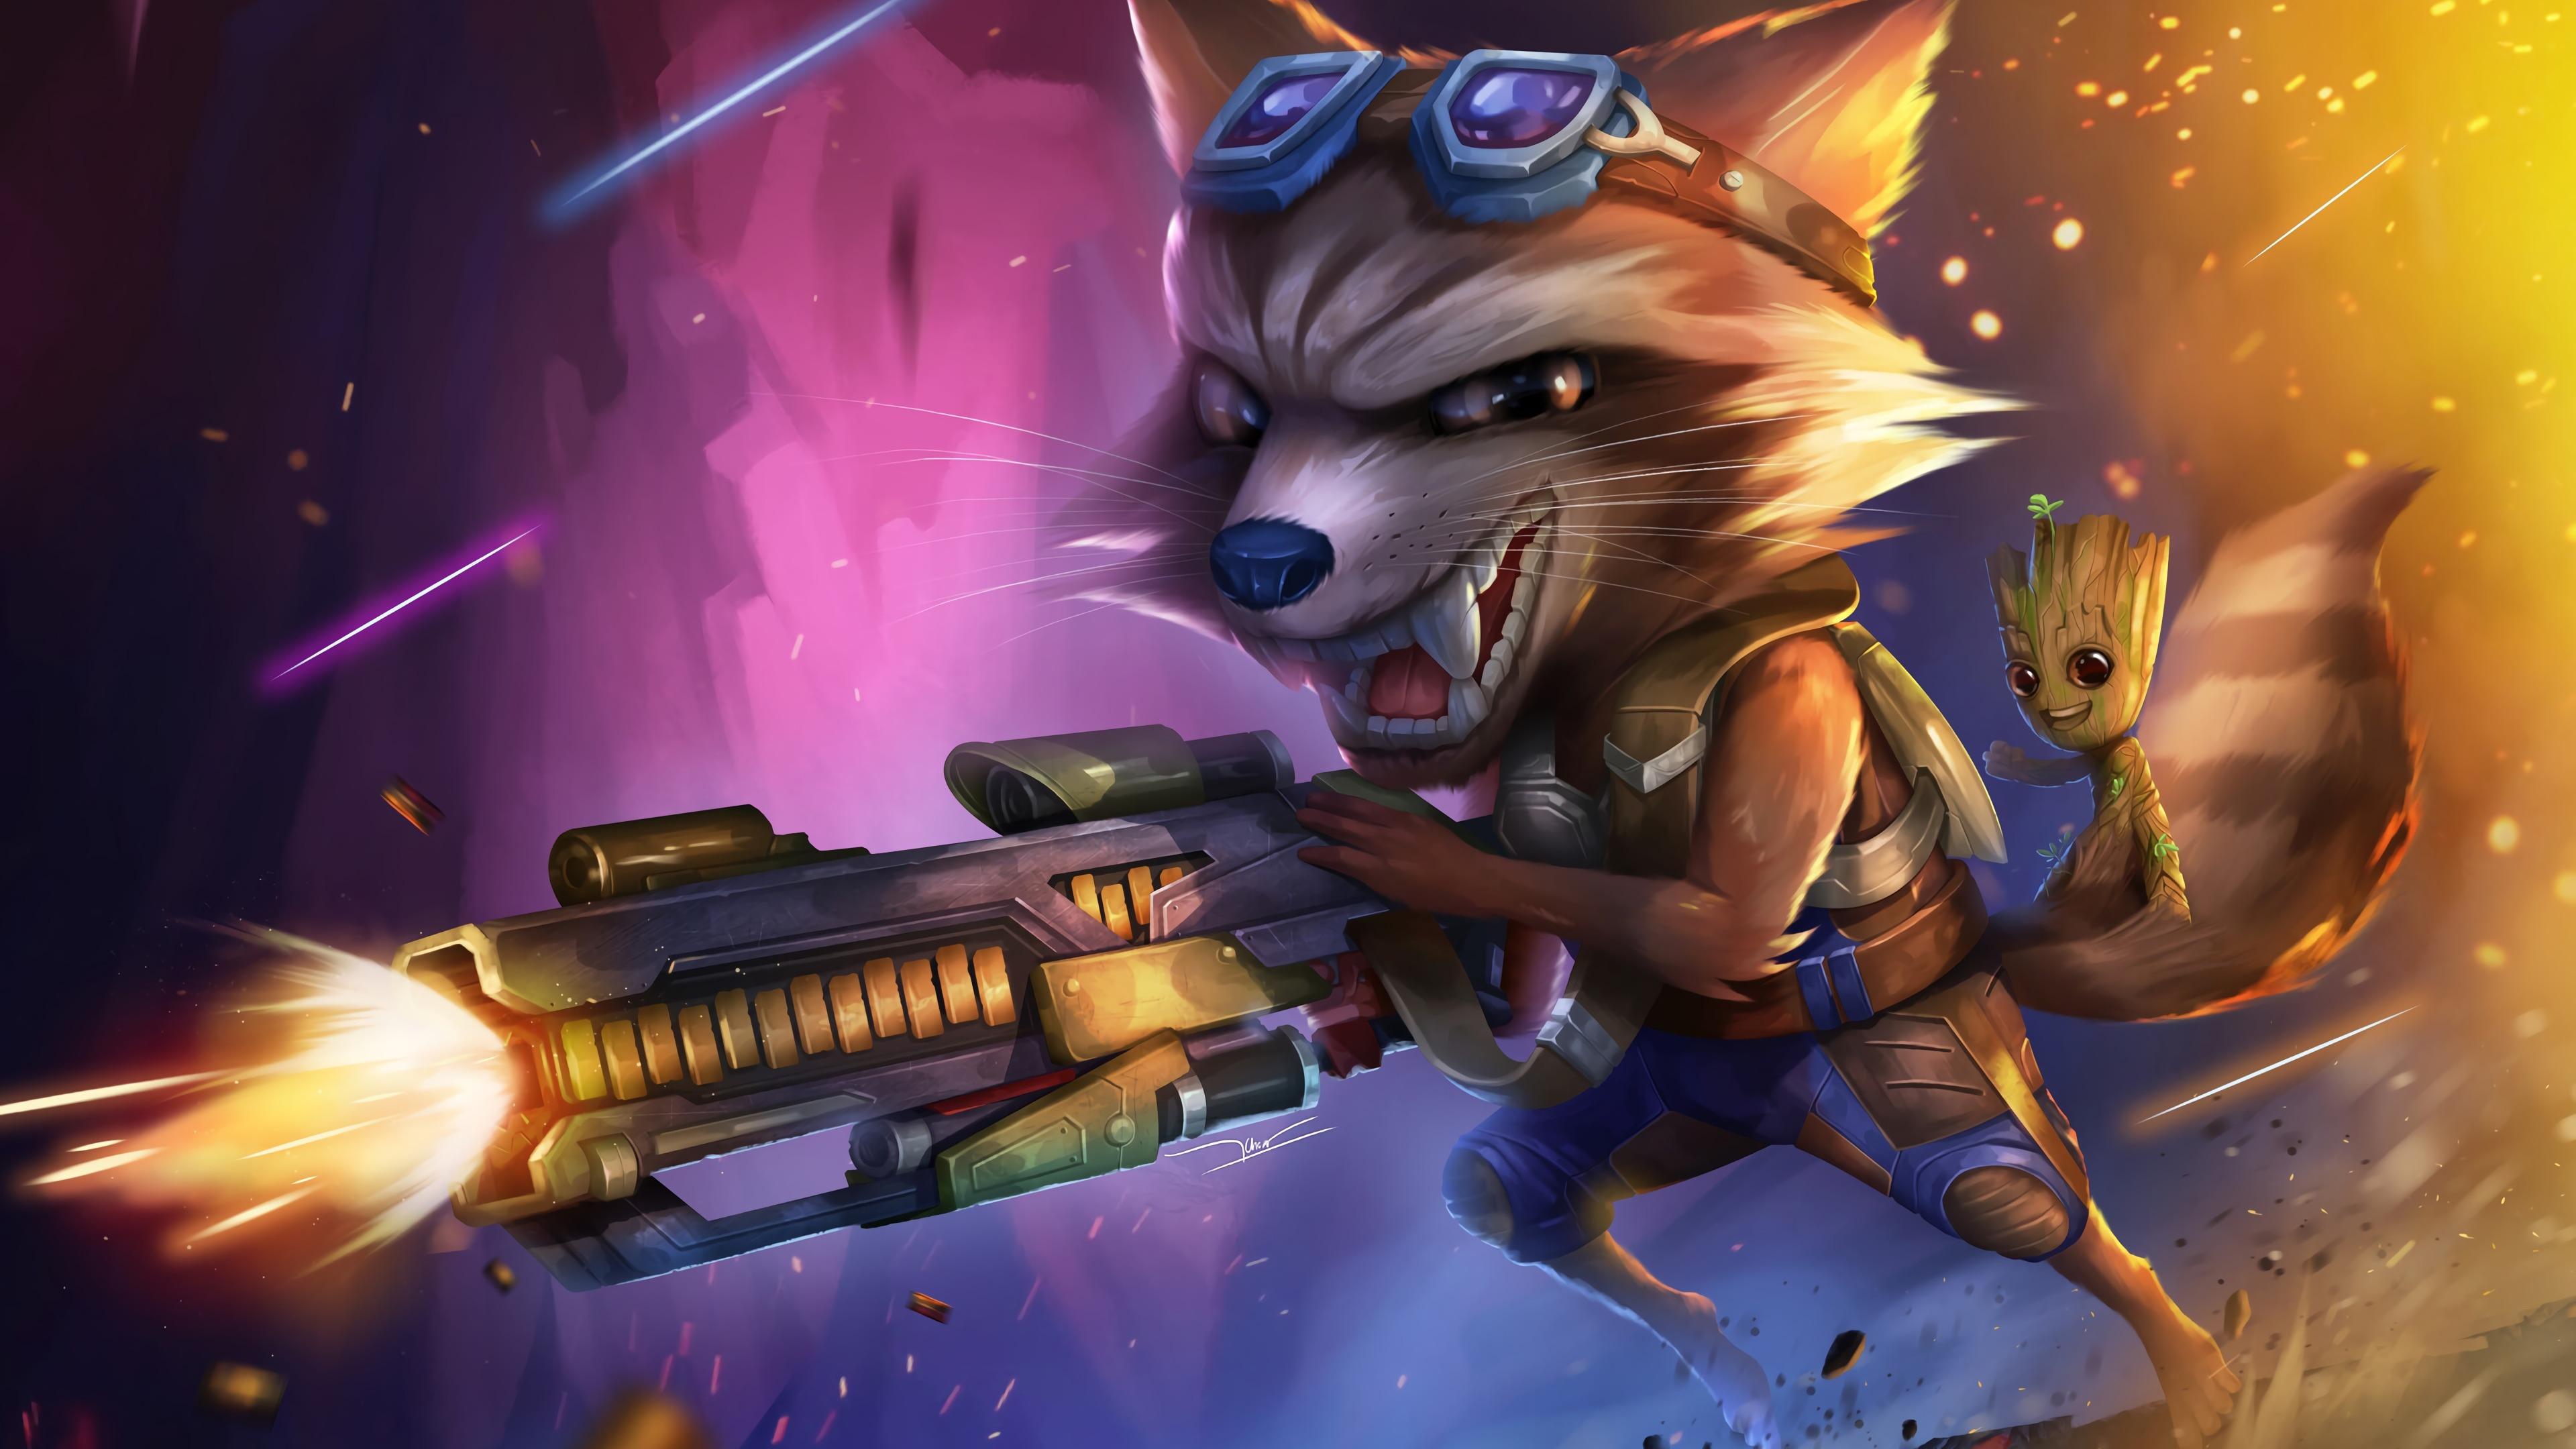 Wallpaper 4k Rocket Raccoon With Baby Groot 4k Wallpapers